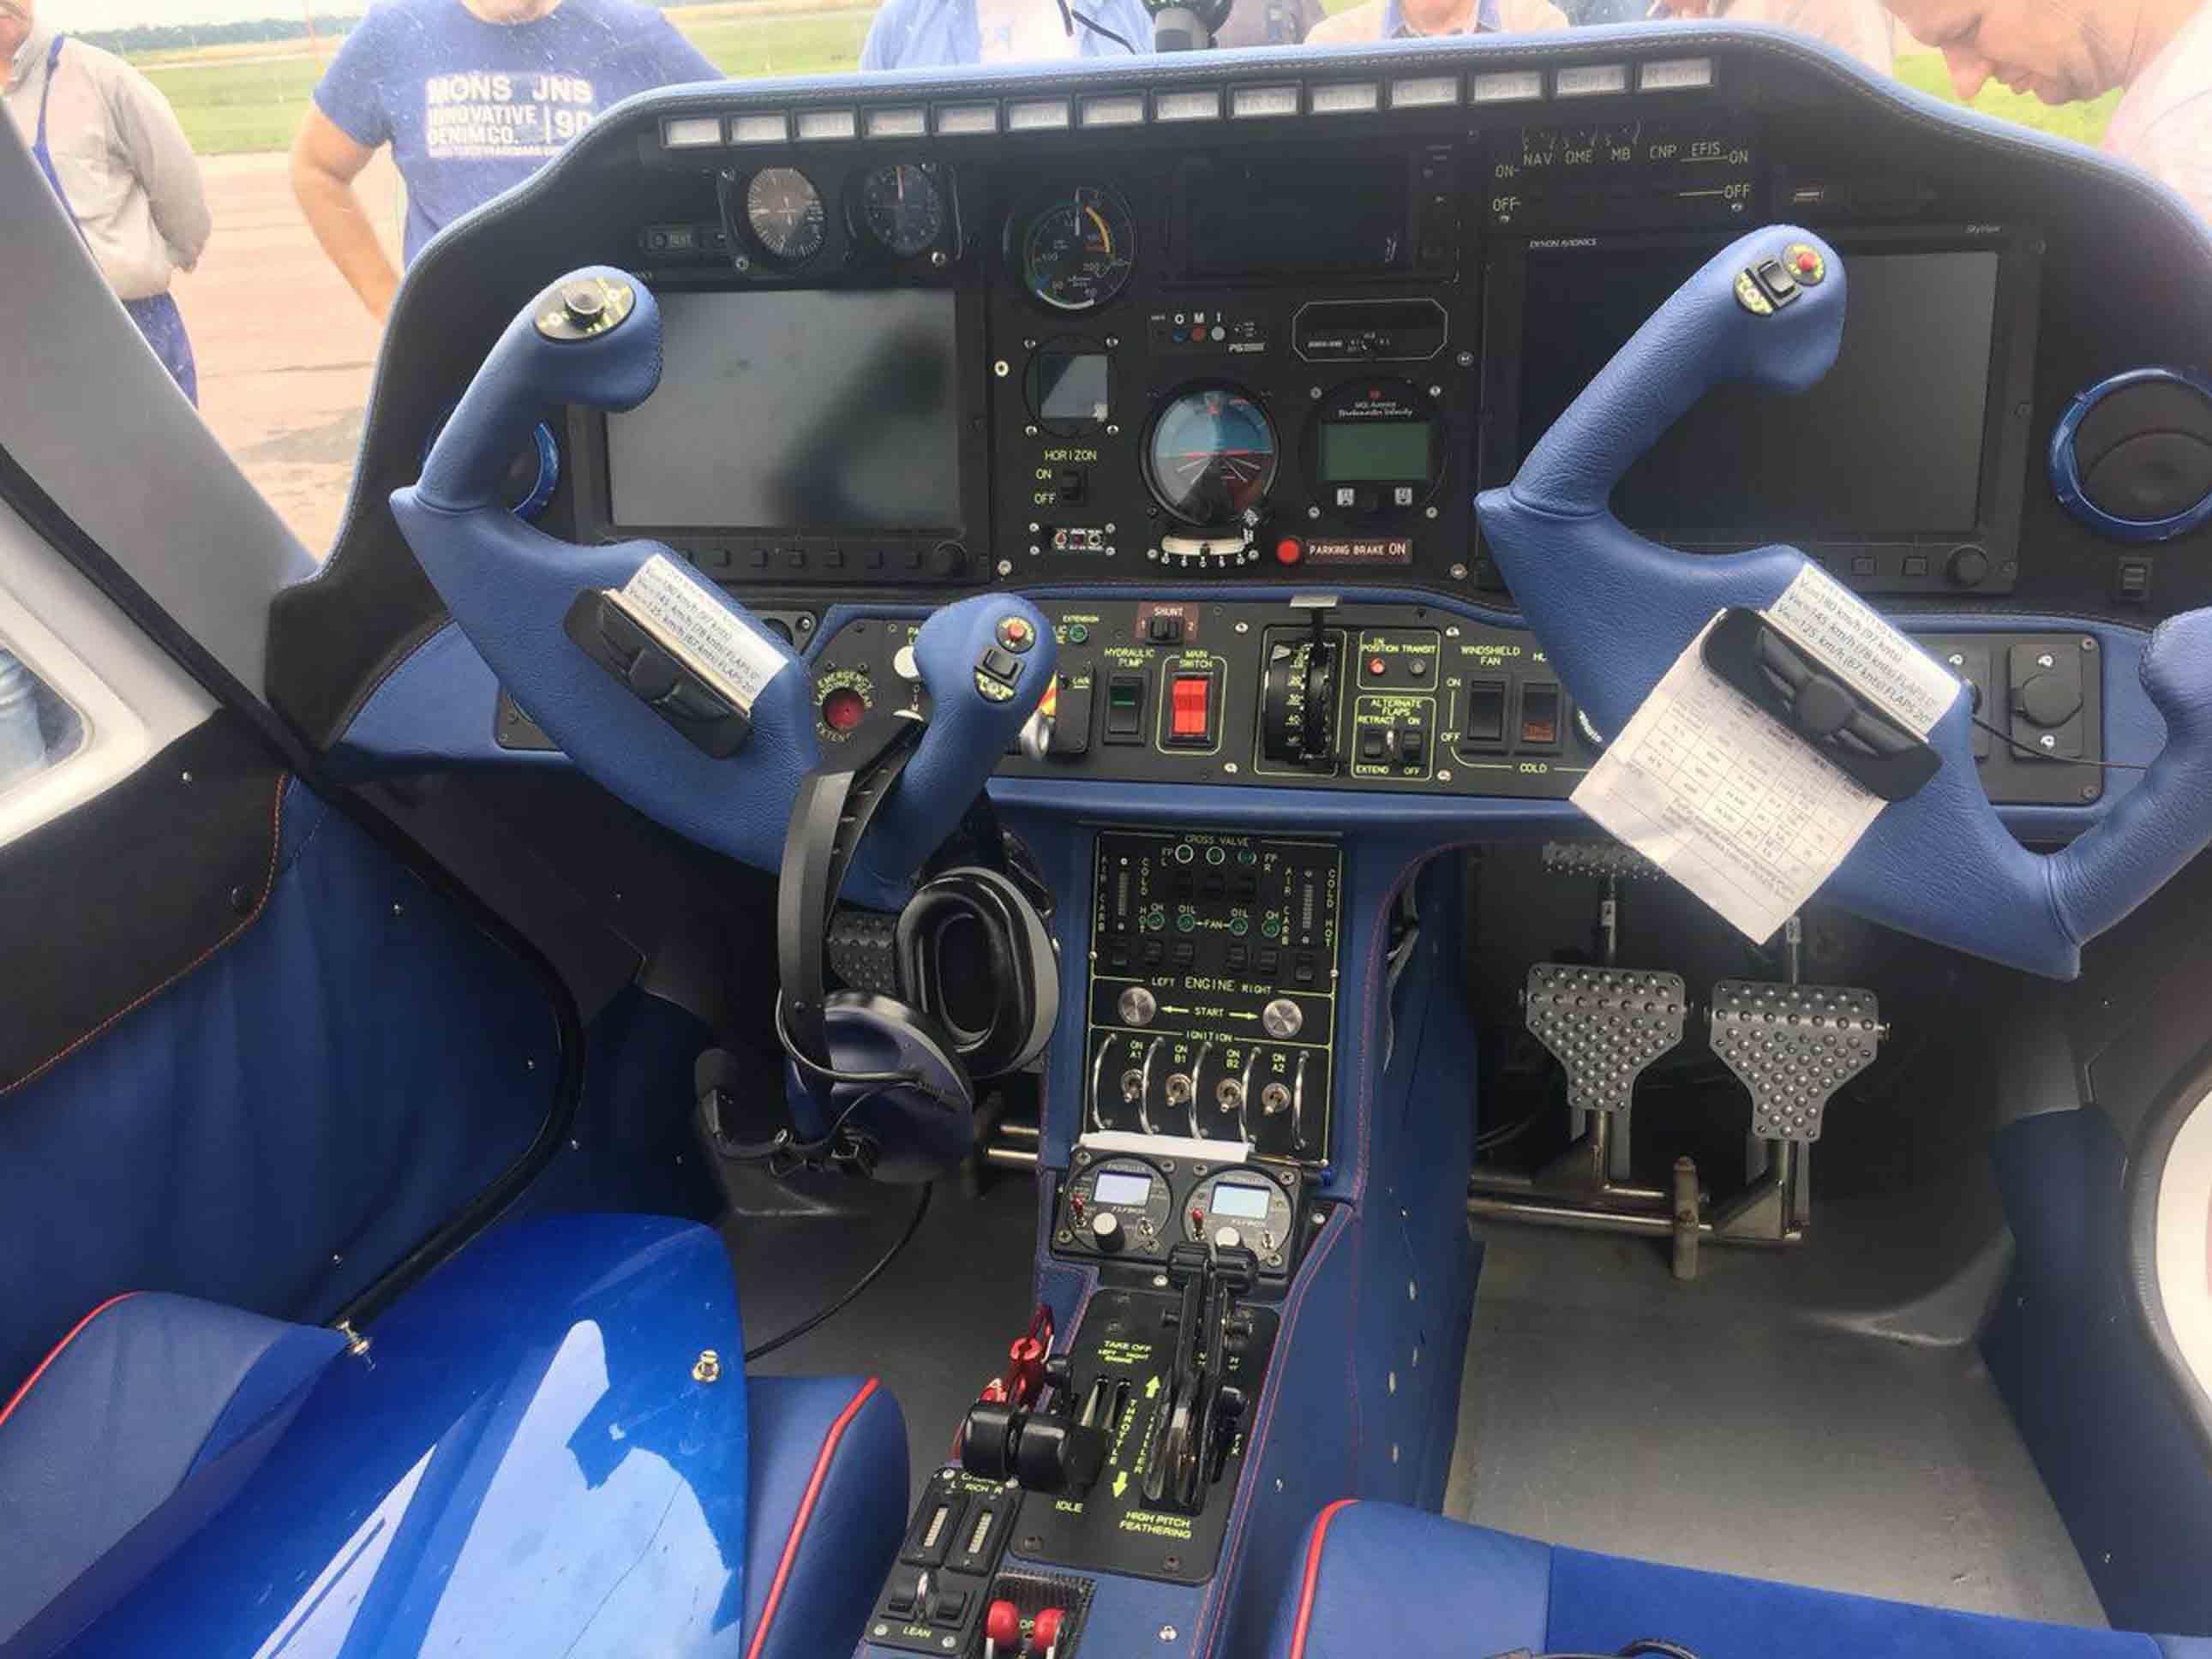 продаем четырехместный, двухмоторный самолет V-24-I фото 1